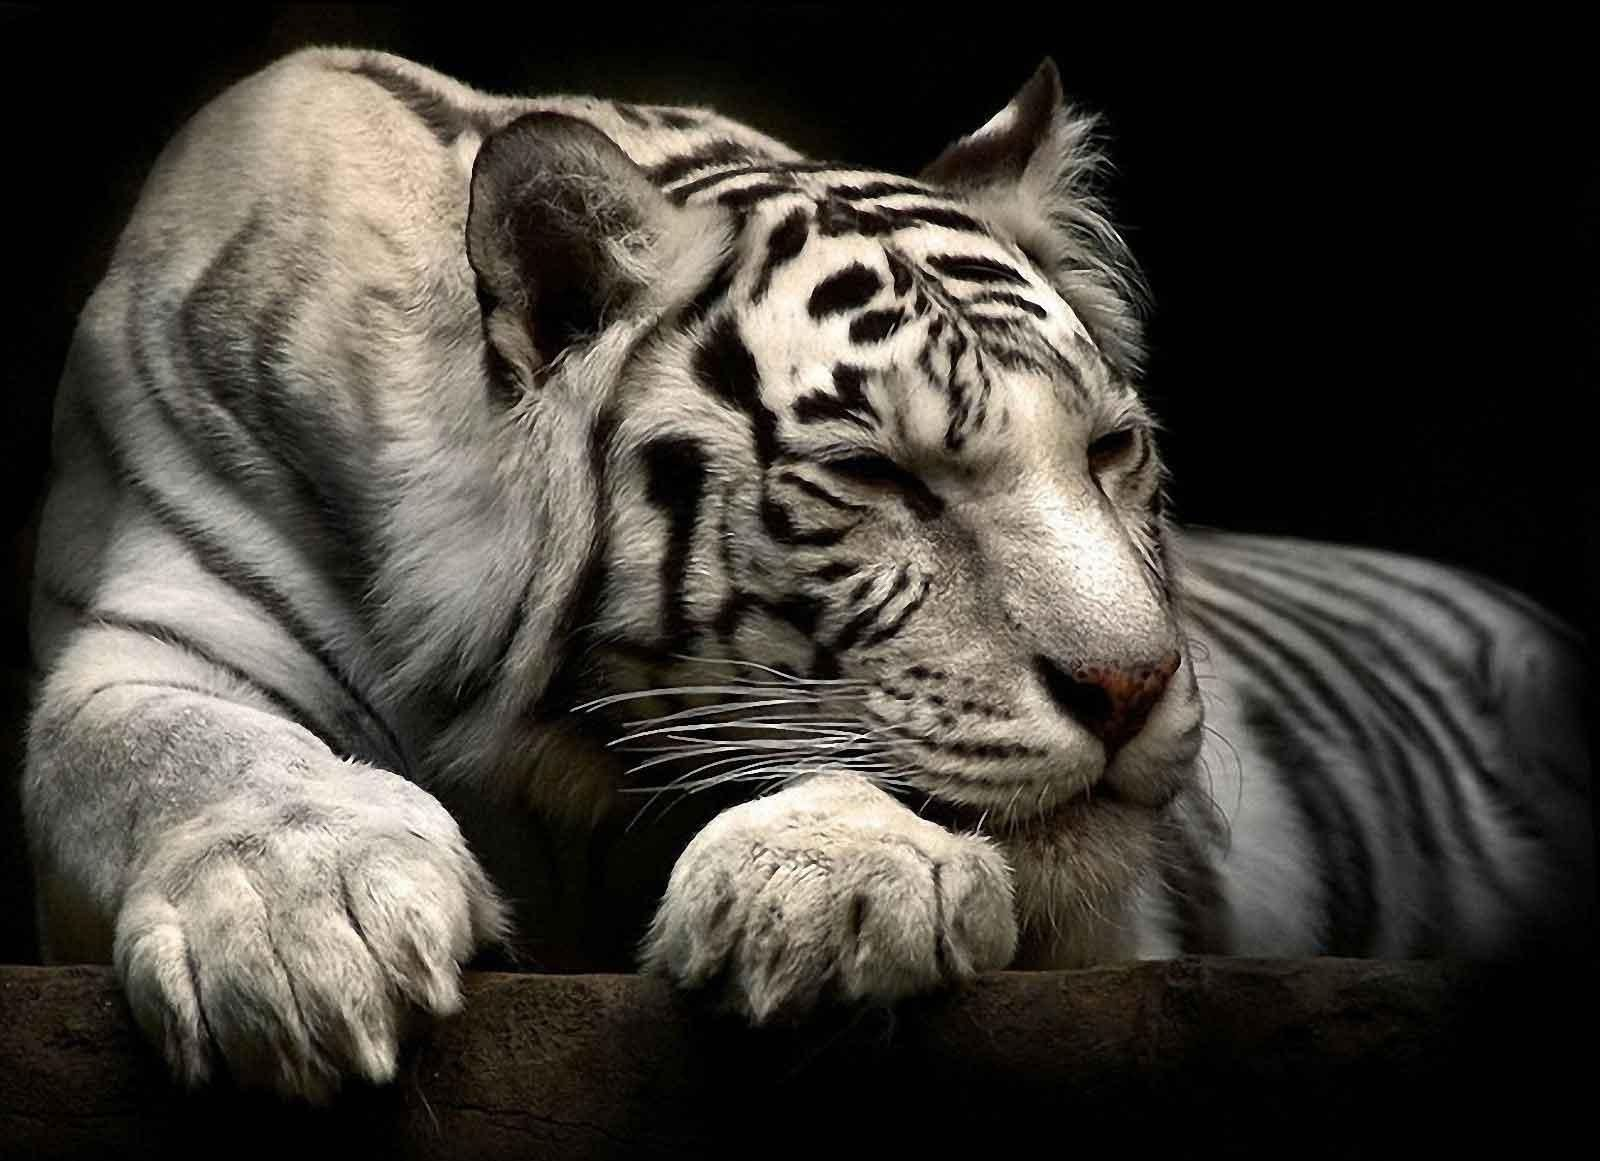 Siberian White Tiger Laying Down Other Jpg 1 600 1 161 Pixel Pet Tiger Animal Wallpaper Siberian Tiger